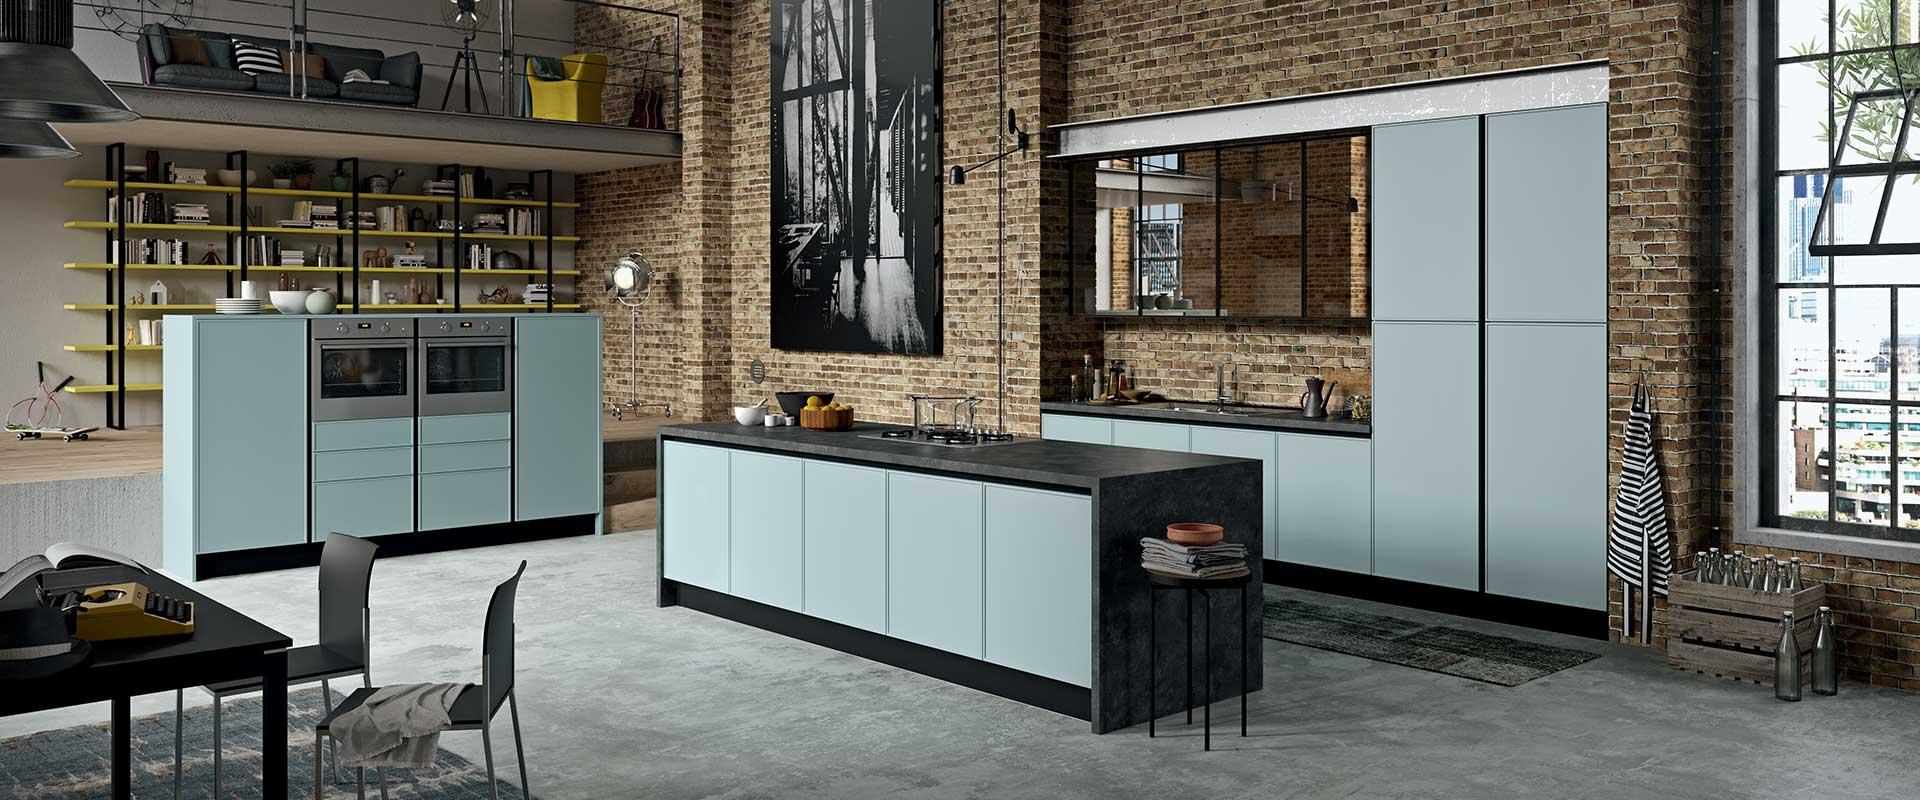 Aran cucina moderna cucine aran volare bergamo arredamenti di with aran cucina moderna gallery - Cucine lussuose moderne ...